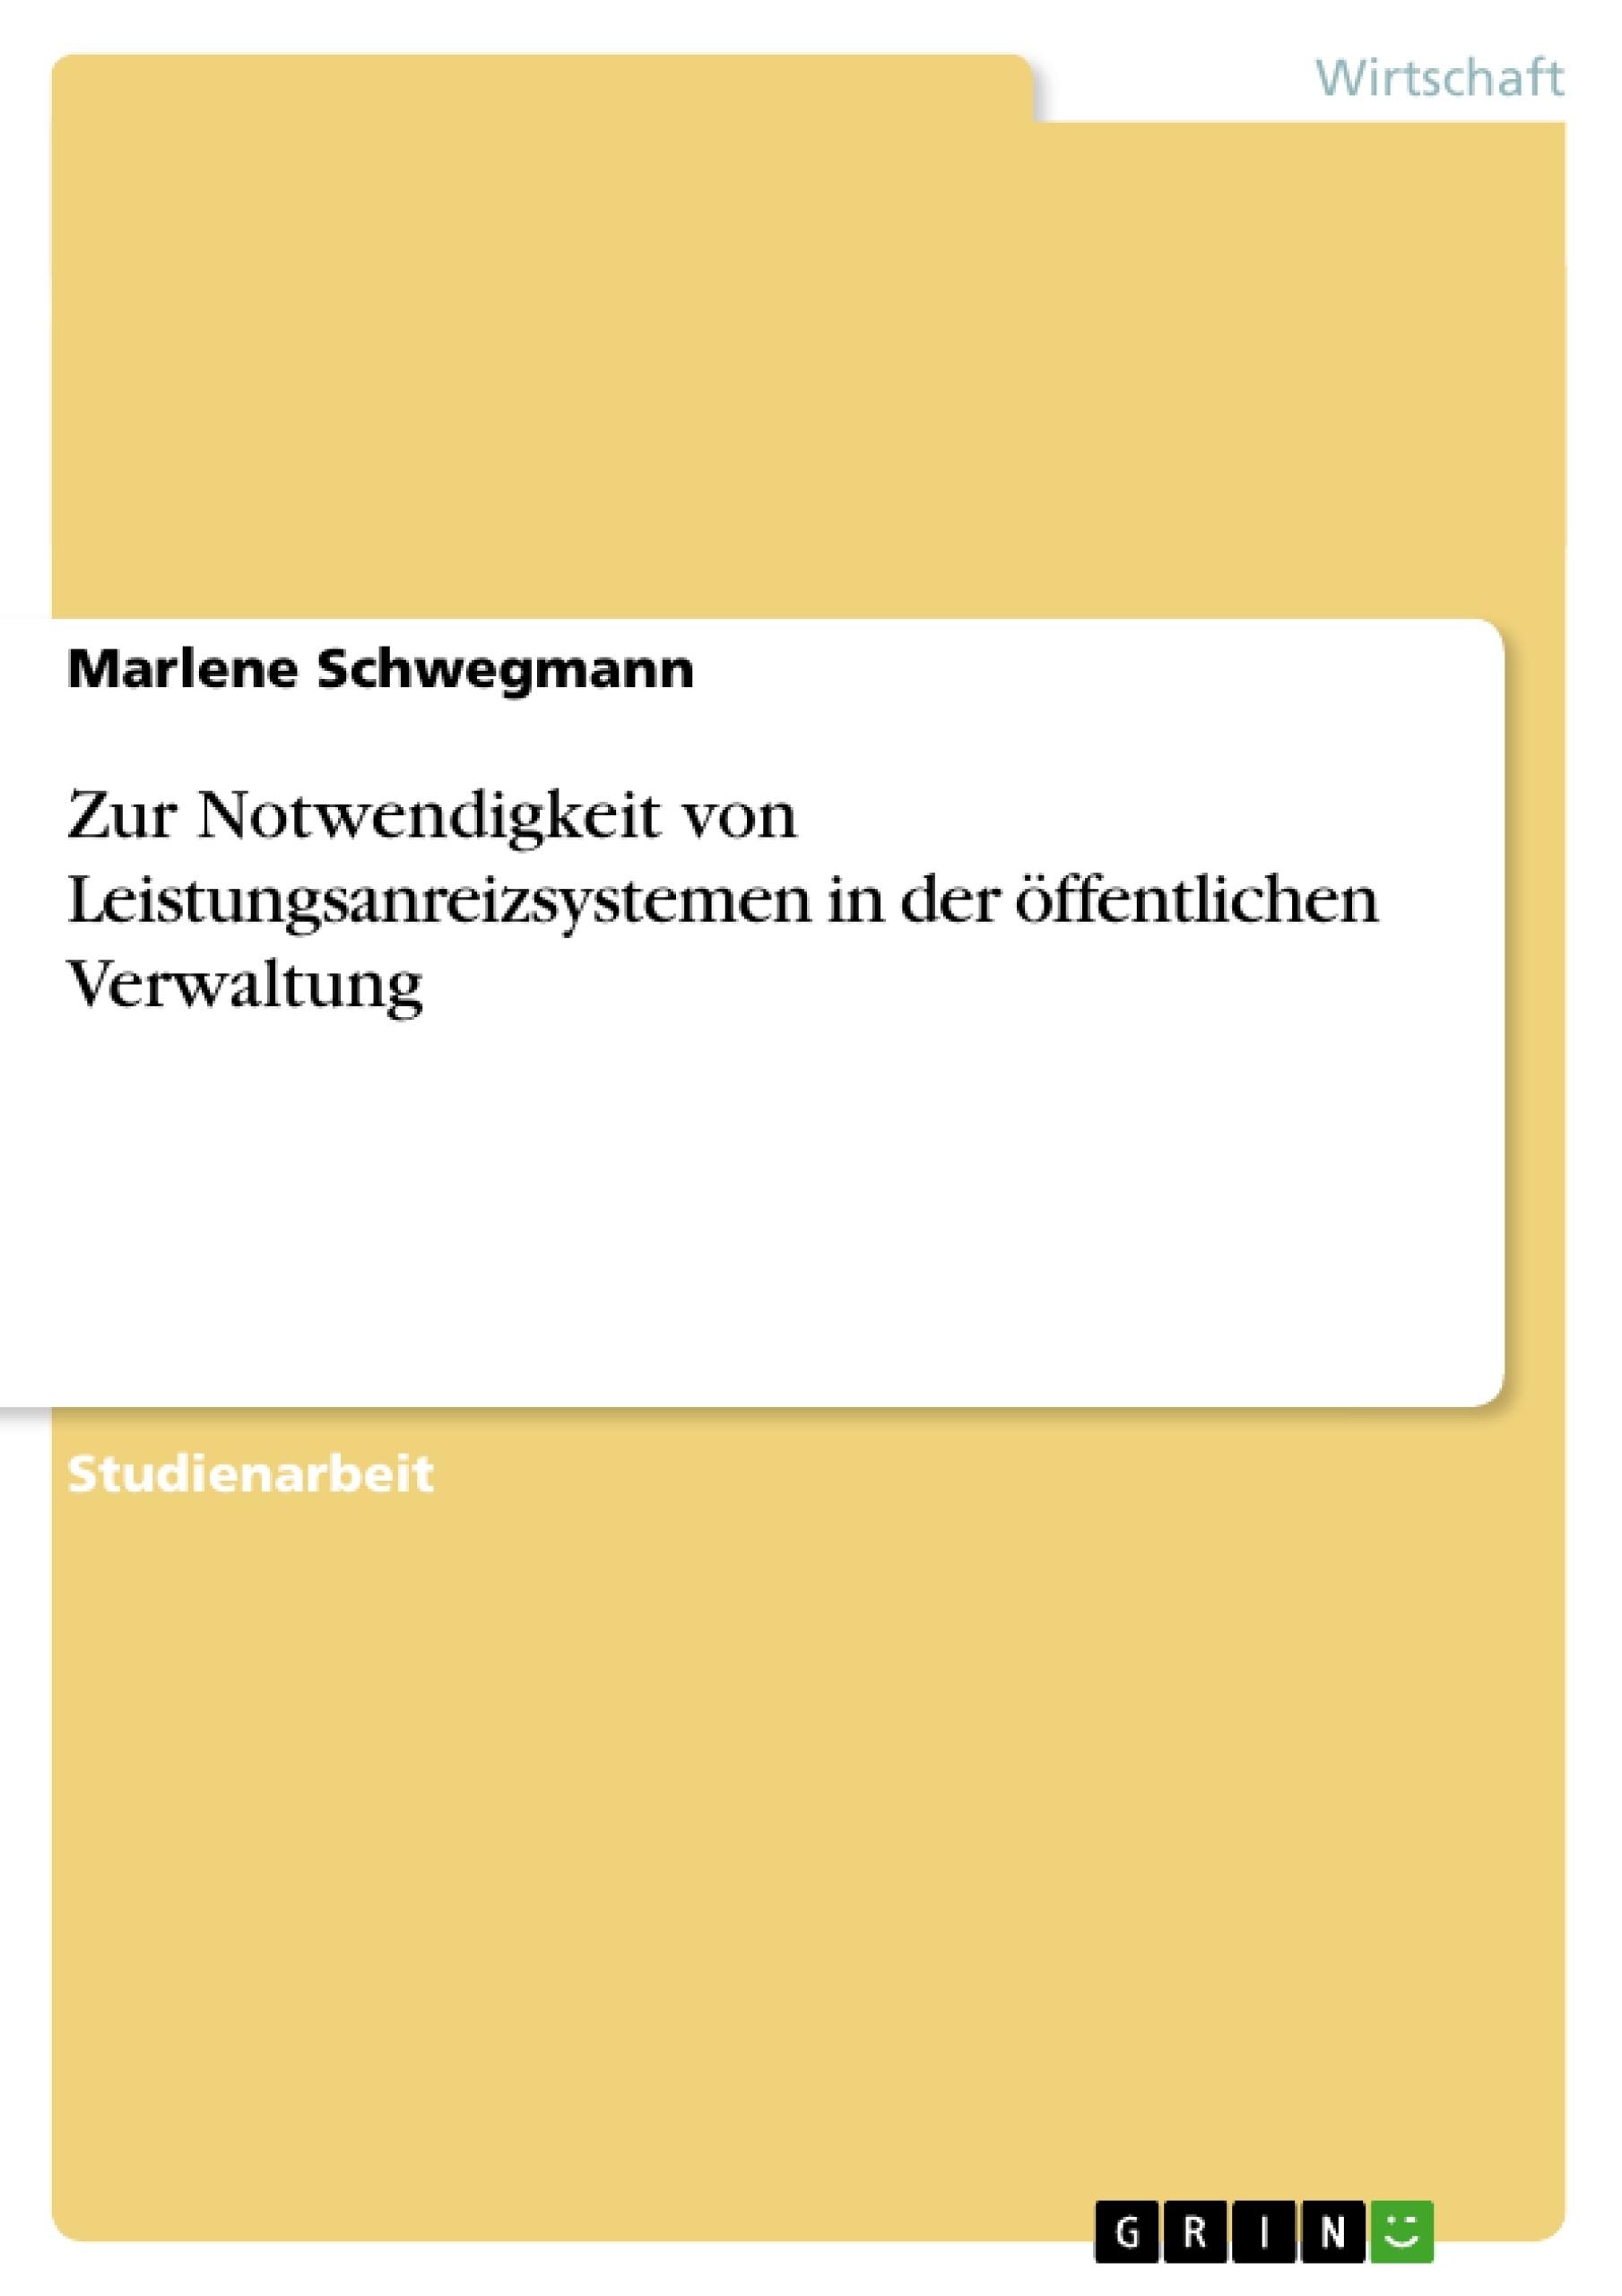 Titel: Zur Notwendigkeit von Leistungsanreizsystemen in der öffentlichen Verwaltung